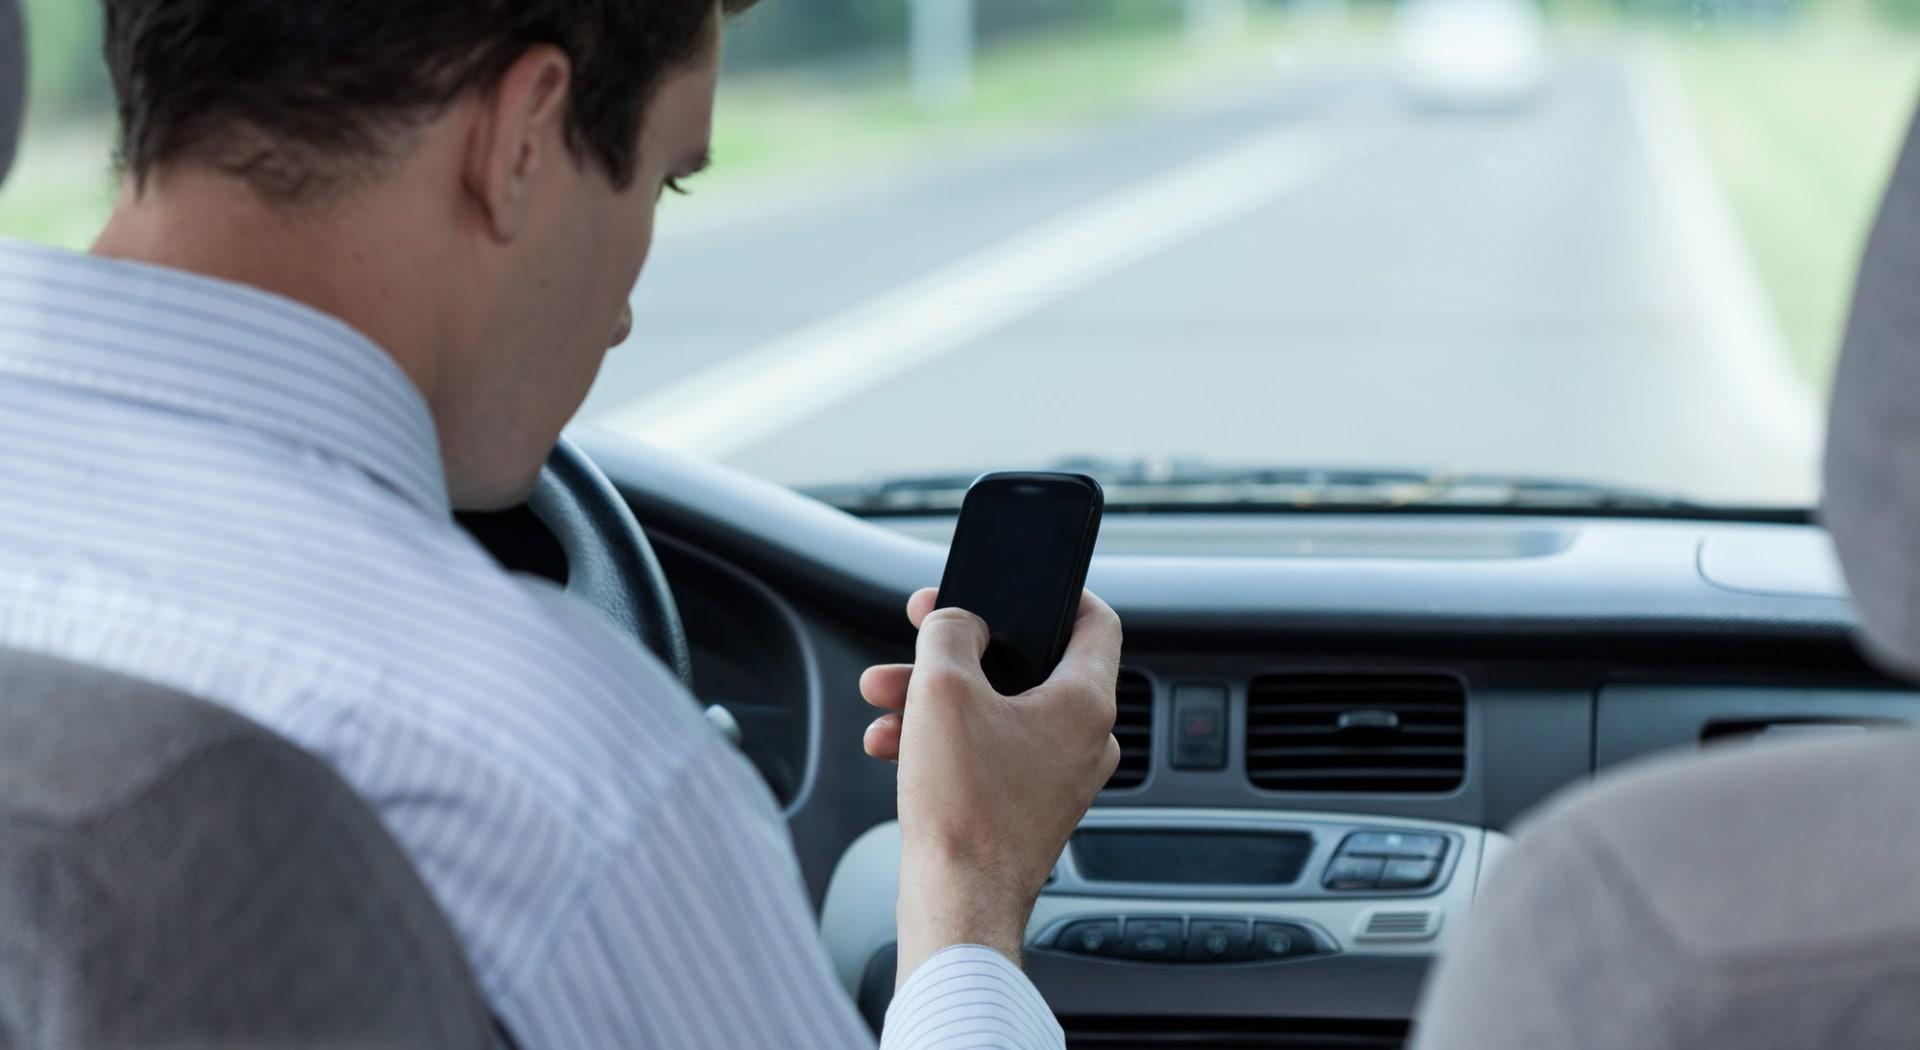 Mobilbruk og bilkjøring forårsaker mange trafikkulykker.